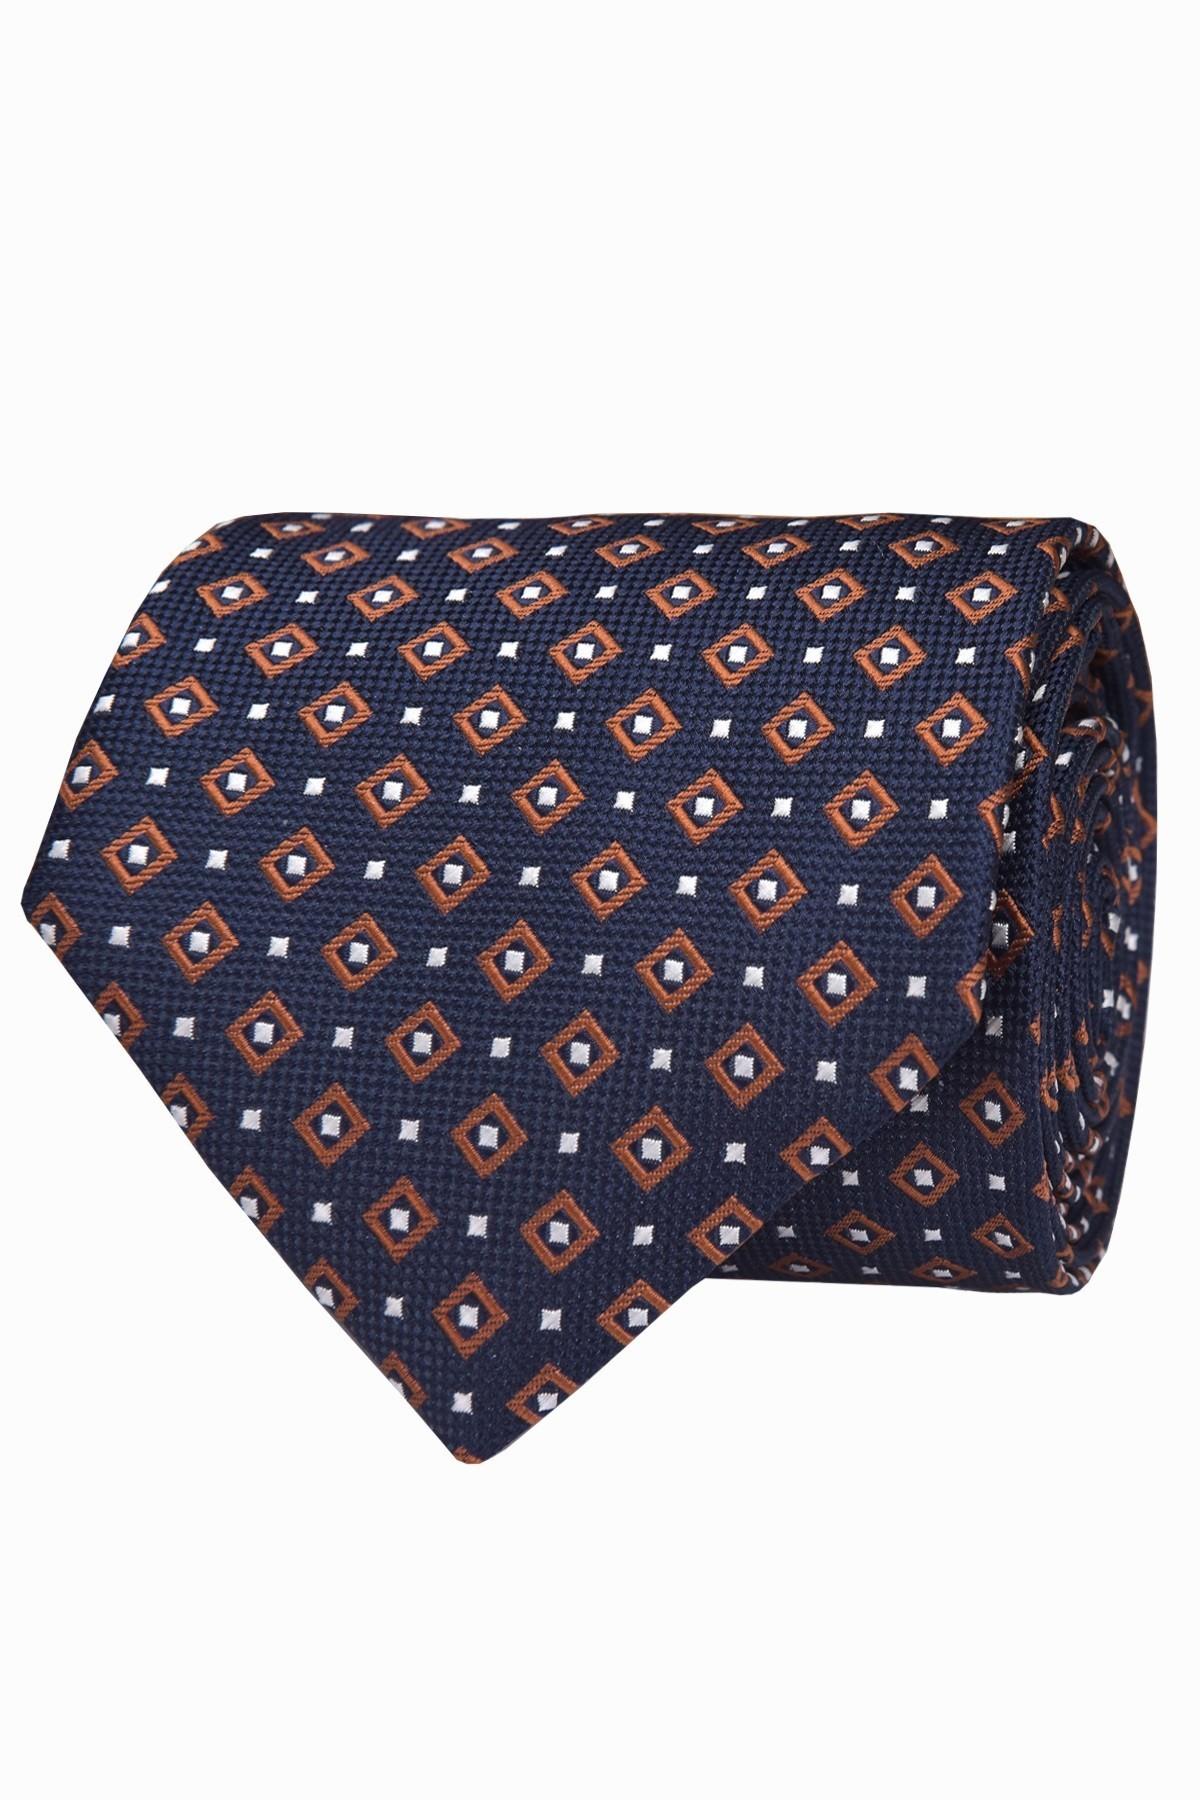 krawat granatowo brązowy